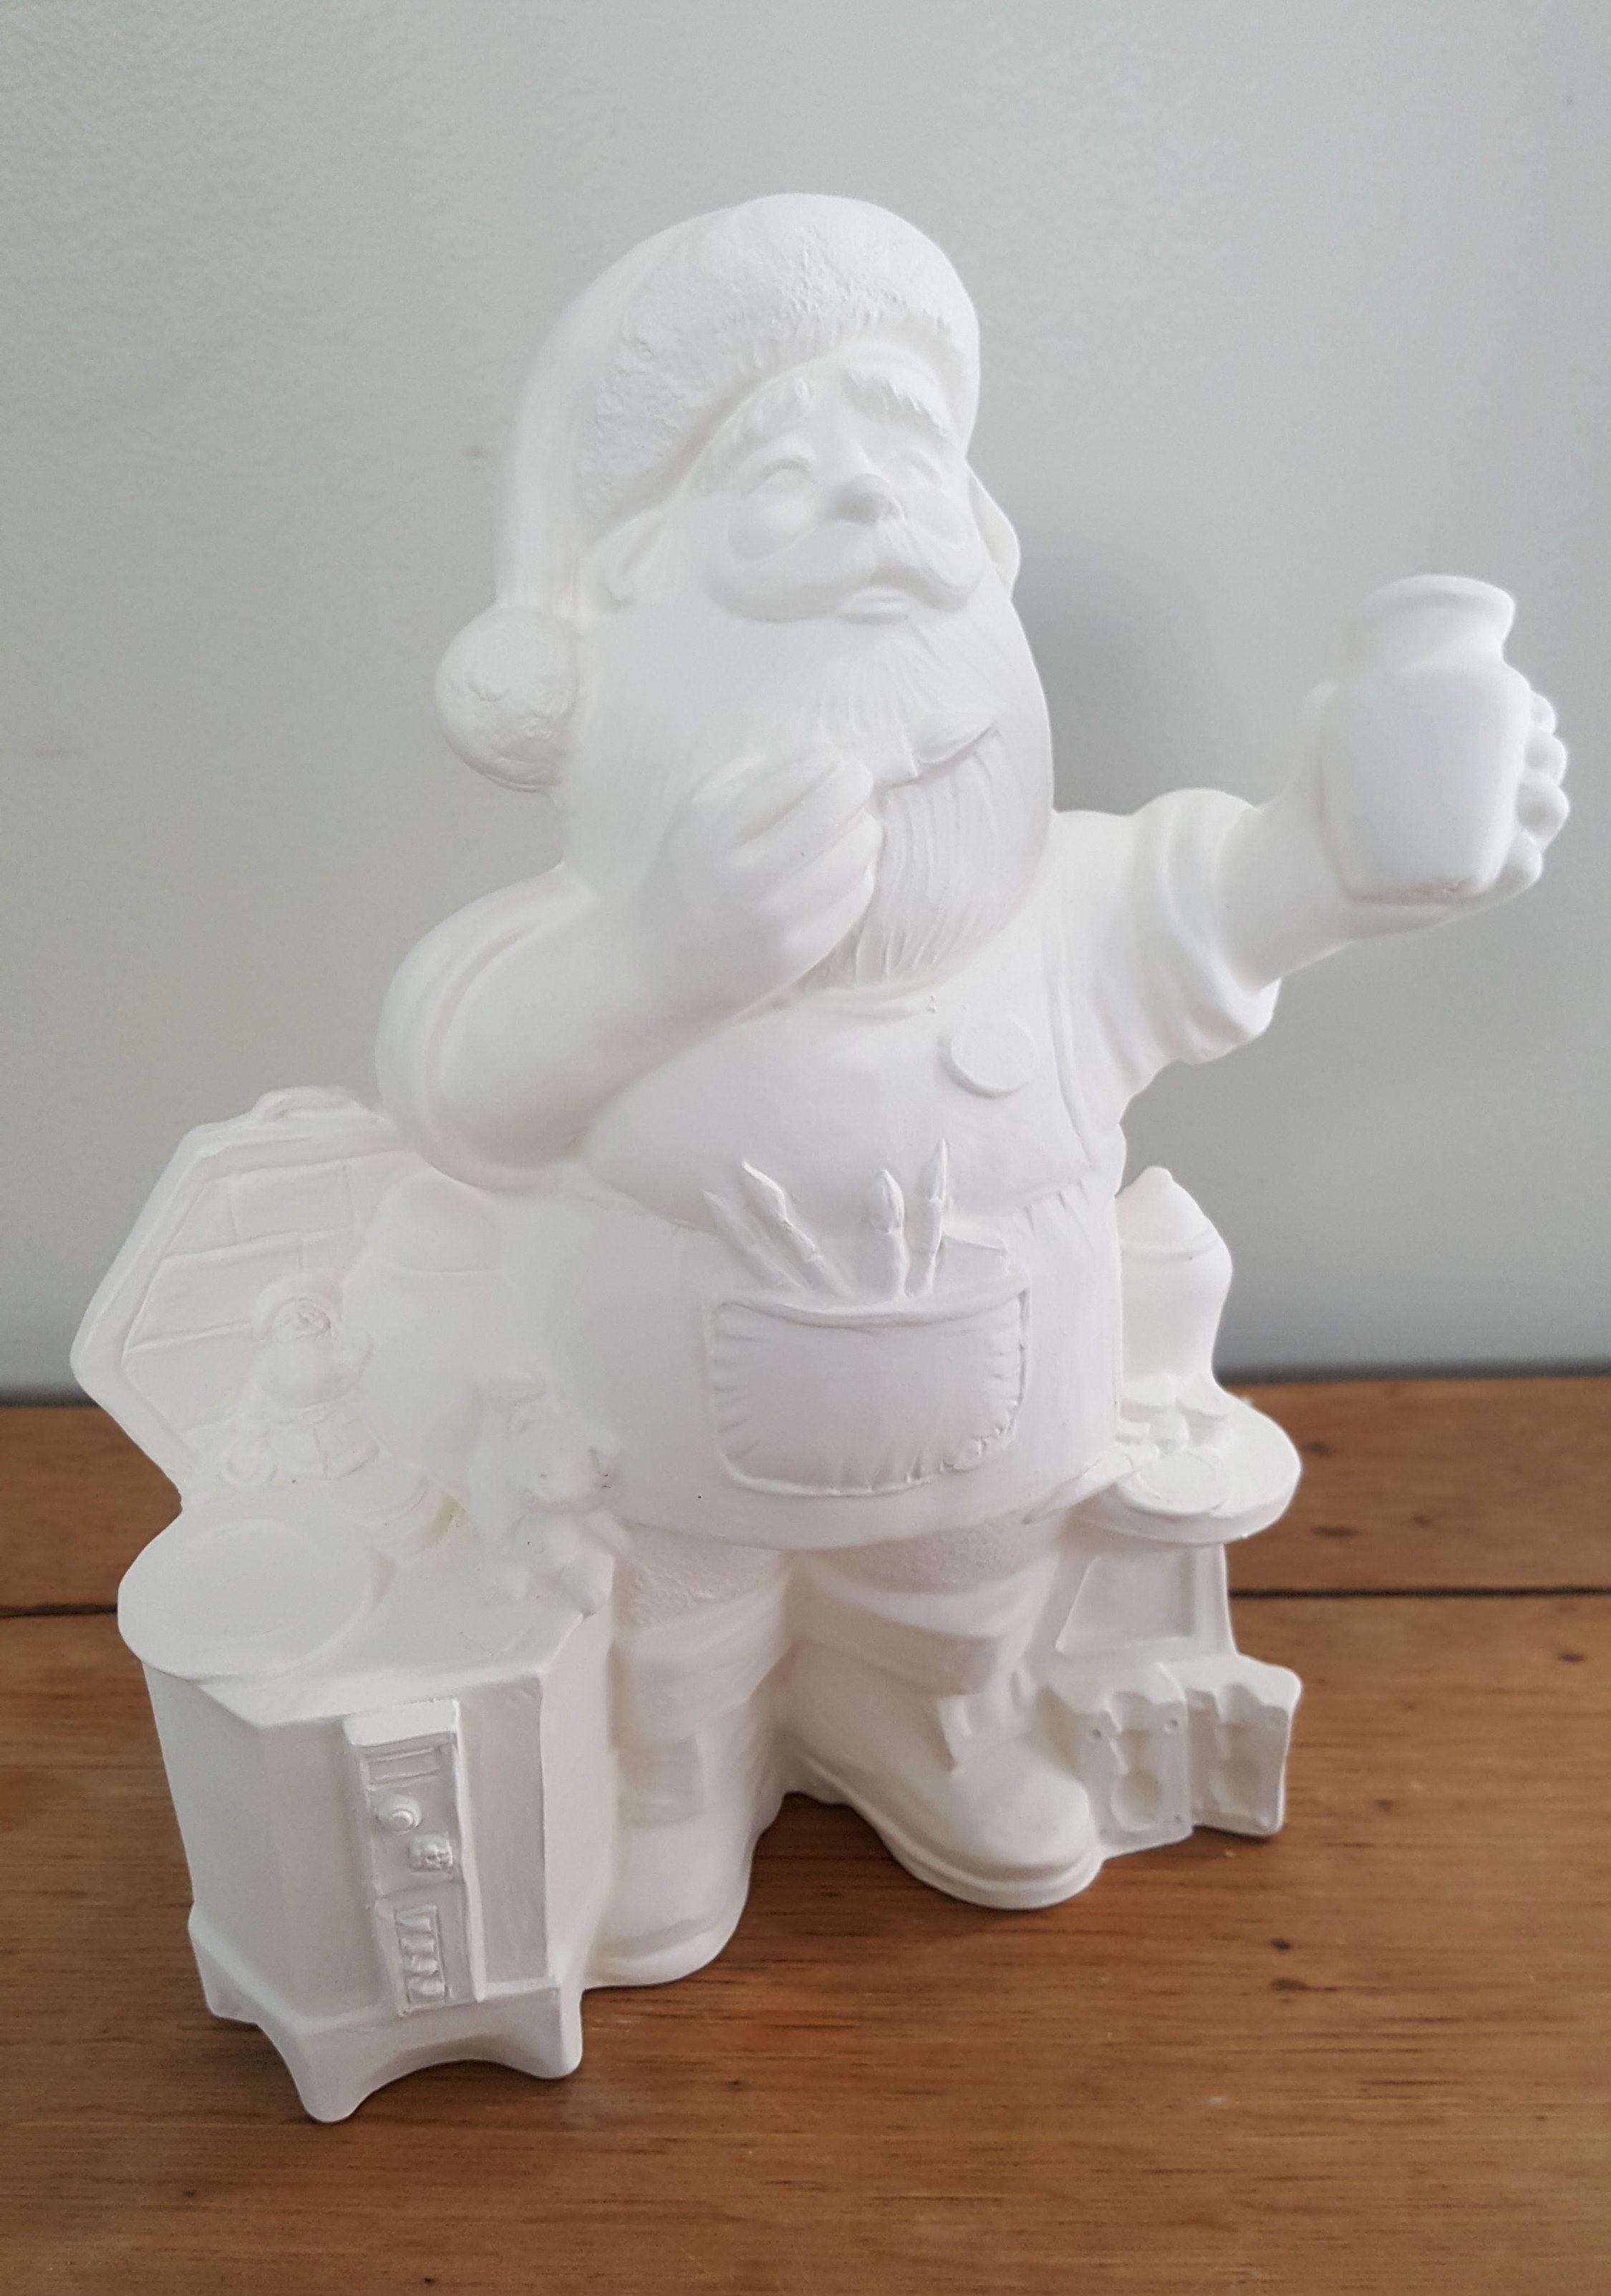 Ceramic Making Santa Ready To Paint Ceramics Ceramic Painting Ceramics